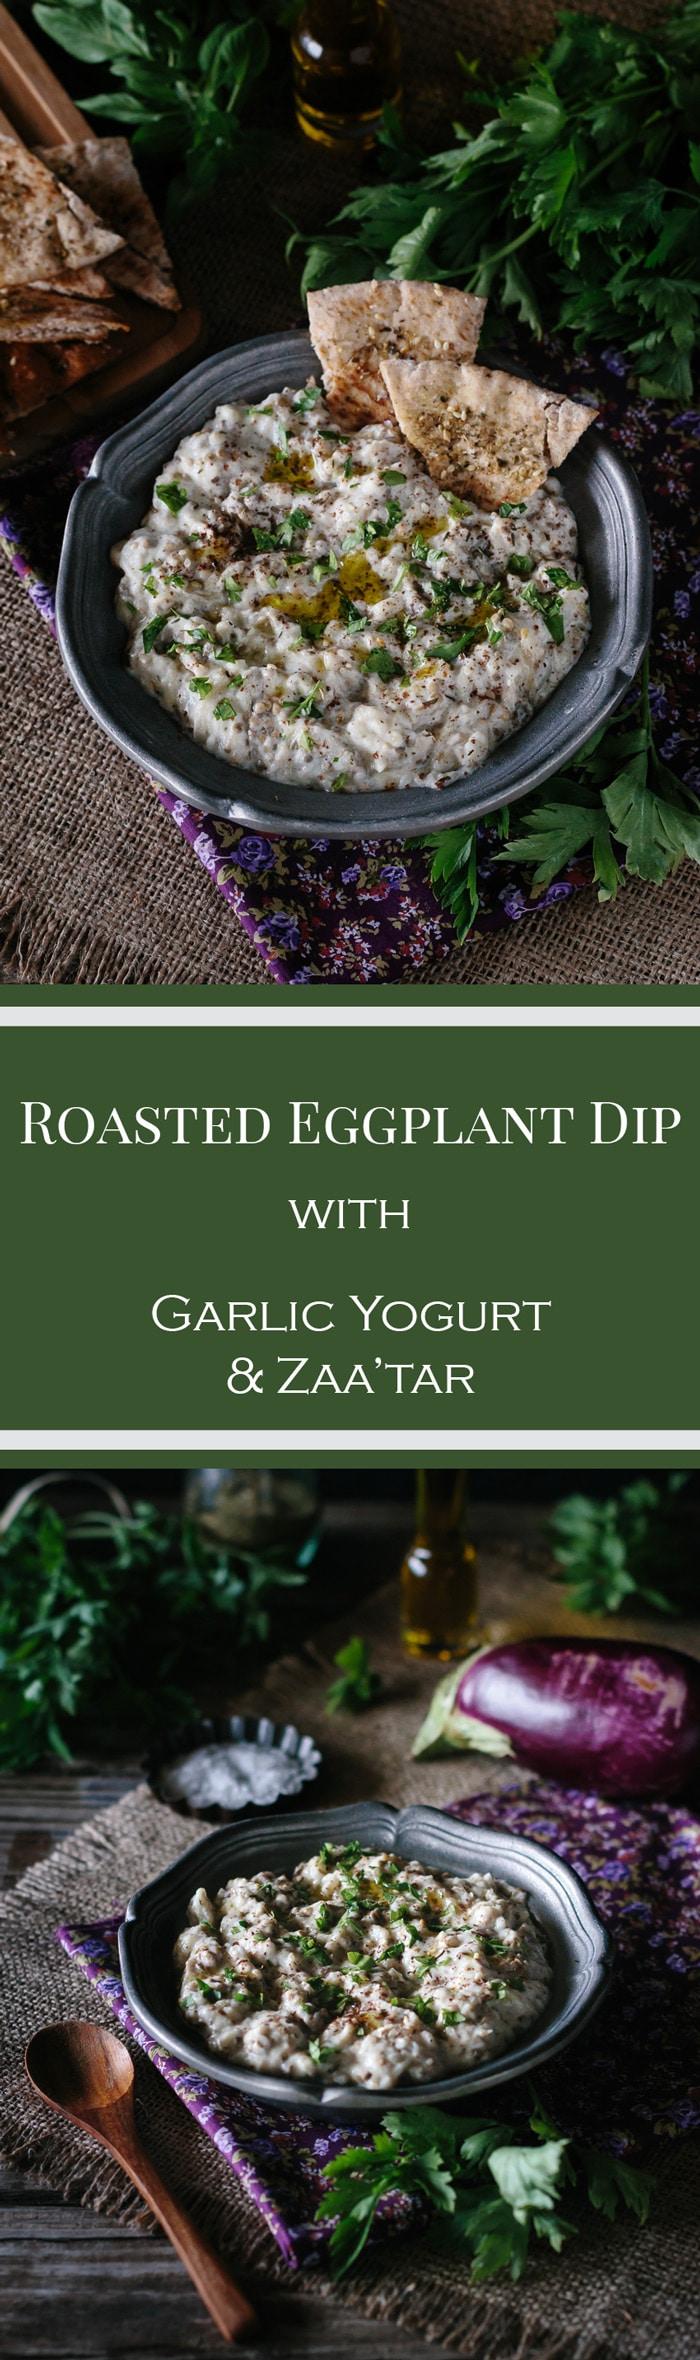 Roasted Eggplant with Garlic Yogurt and Za'atar